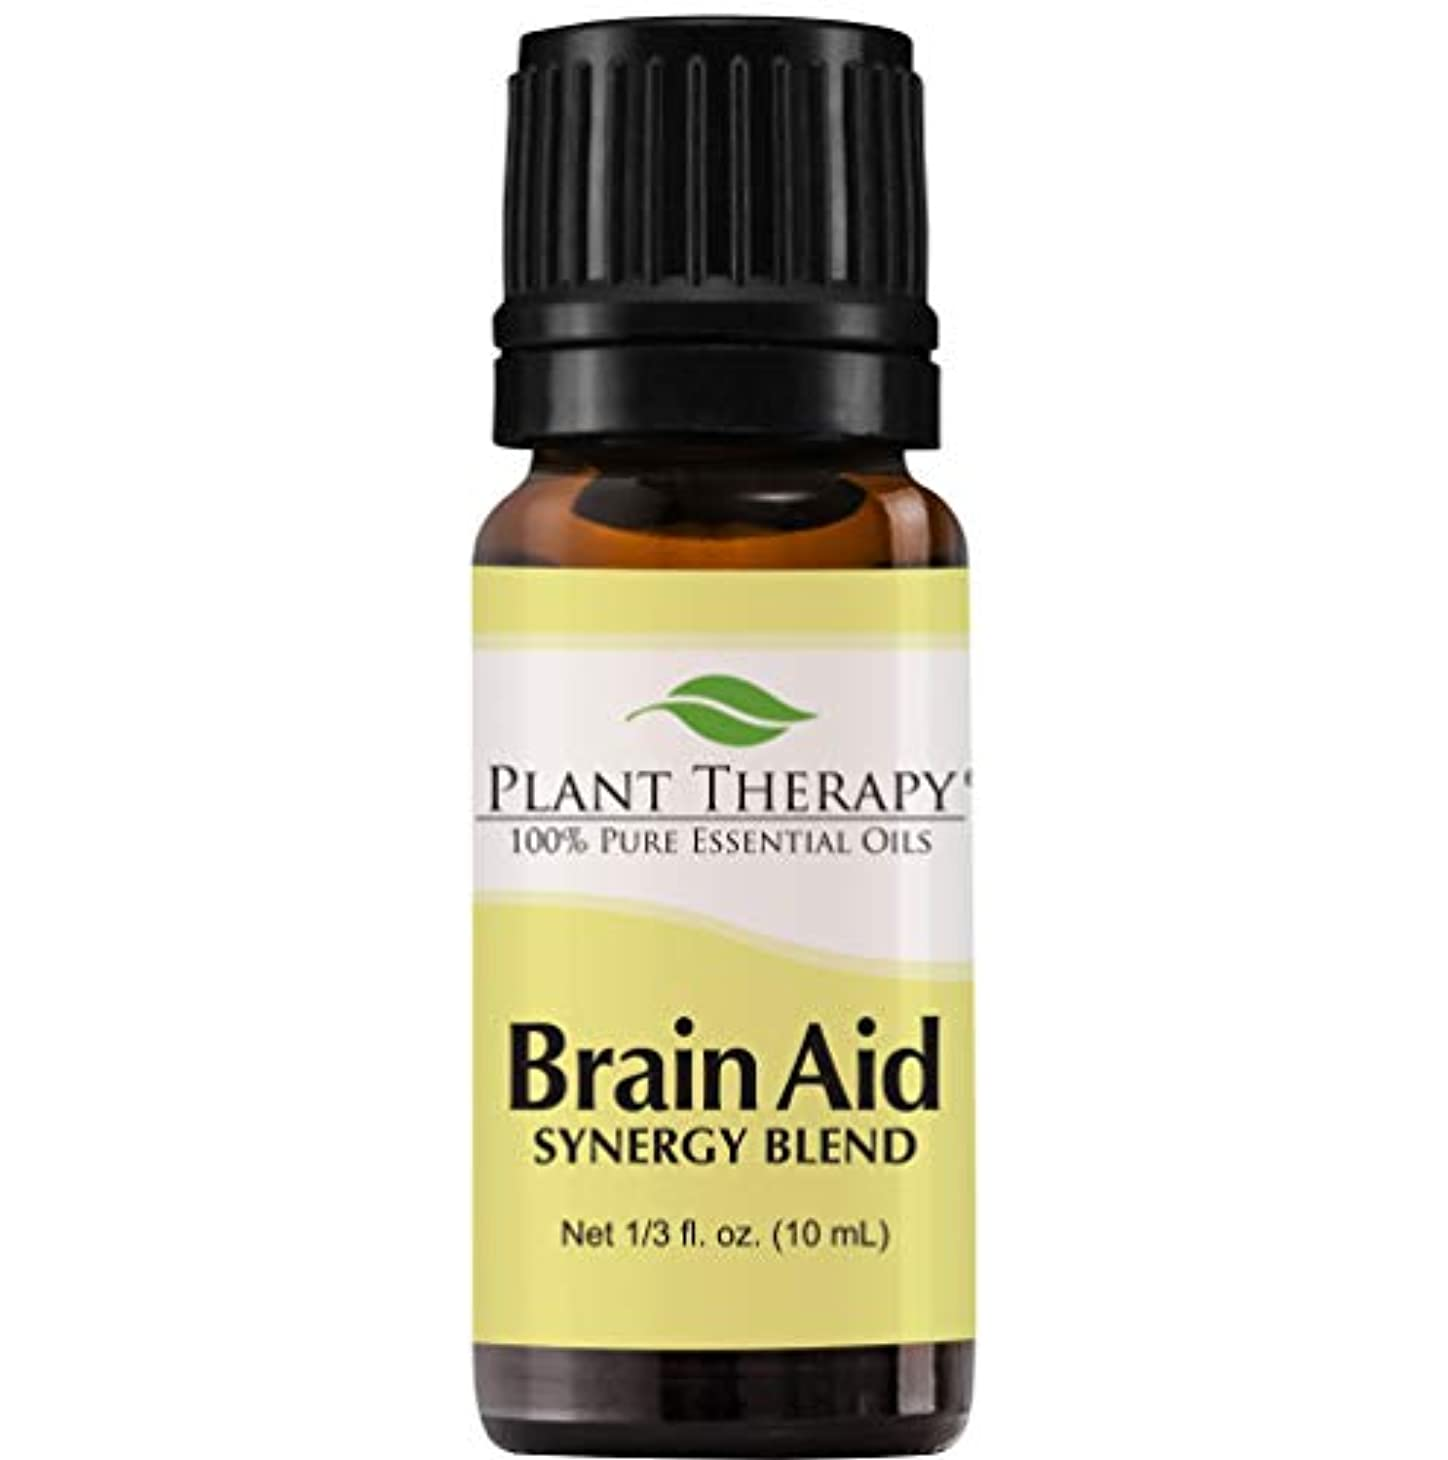 旅行主導権所得脳援助シナジー(精神的な焦点と明確にするため)。エッセンシャルオイルブレンド。 10ミリリットル(1/3オンス)。 100%ピュア、希釈していない、治療グレード。